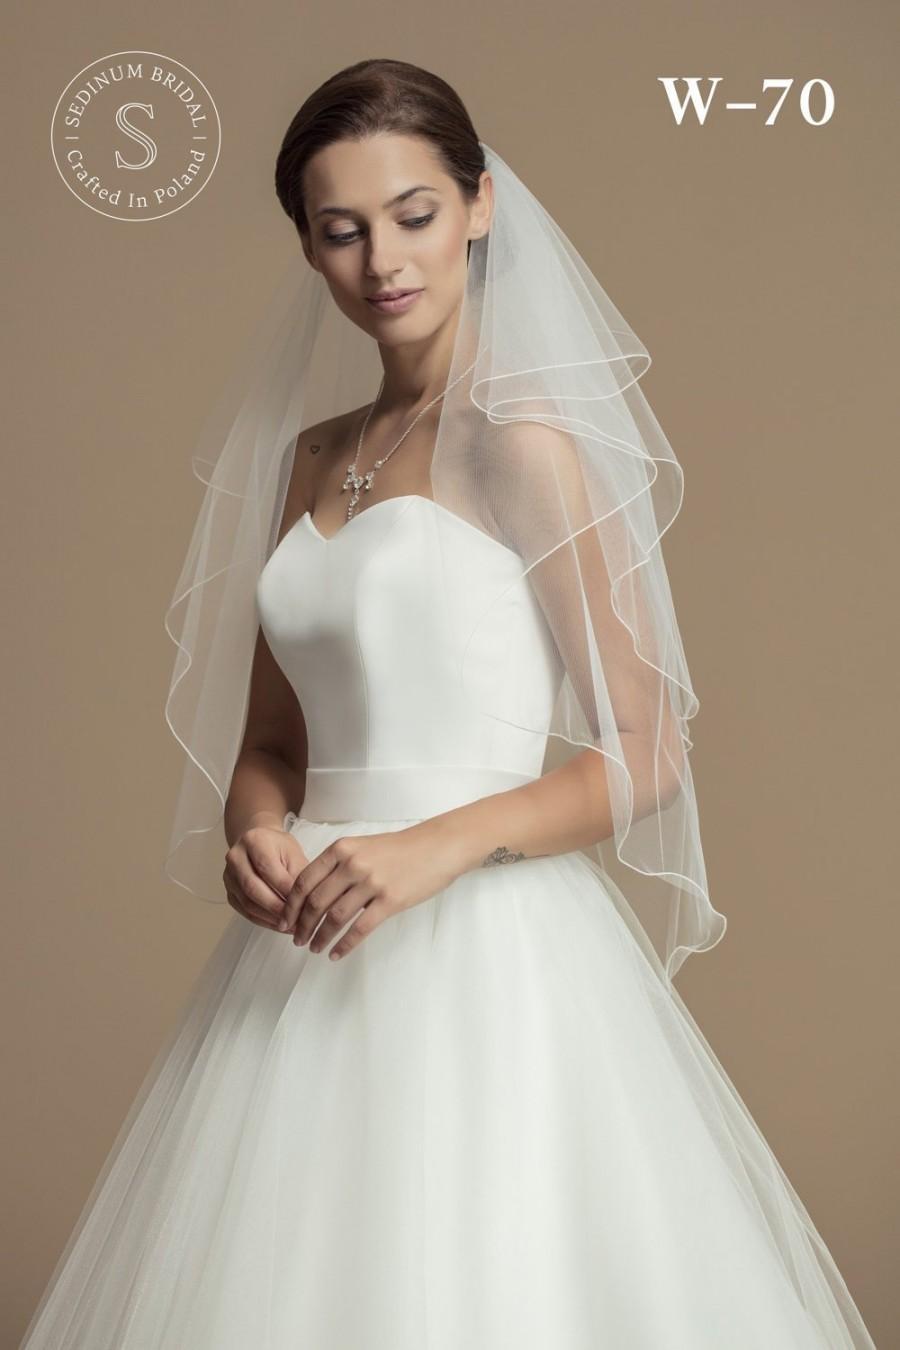 Свадьба - Bridal Veil made from High-Quality Tulle - Wedding Veil